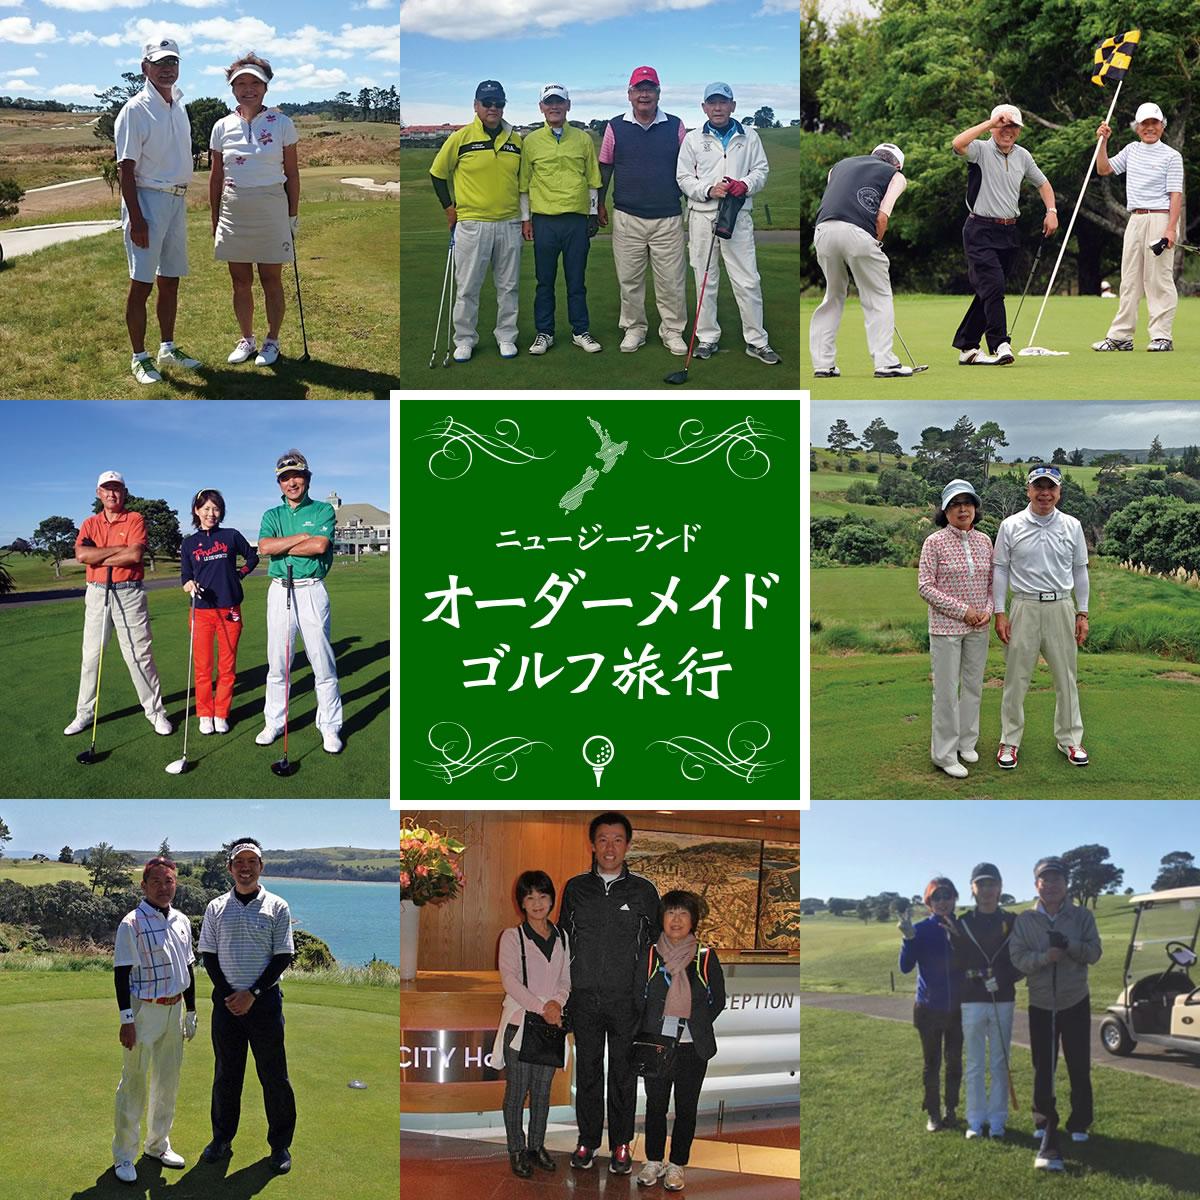 ニュージーランド オーダーメイド ゴルフ旅行